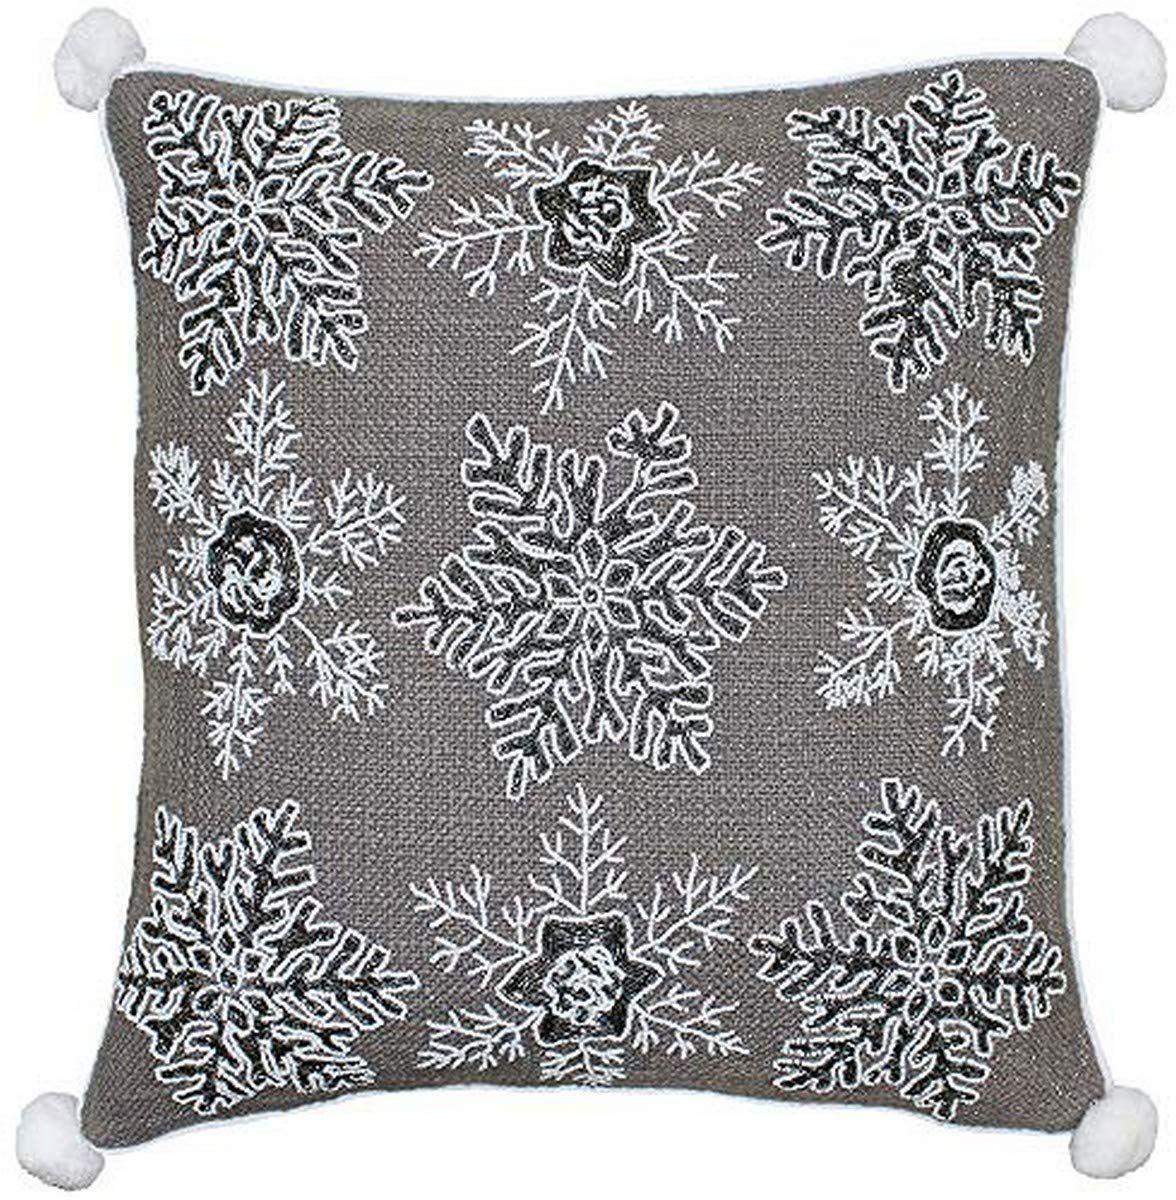 Riva Paoletti biała świąteczna poliestrowa poduszka wypełniona - mokka brązowa - wzór płatka śniegu z cekinami - metaliczna tkanina - Narożniki pomponów - 100% bawełna - 50 x 50 cm (20 cali x 20 cali)